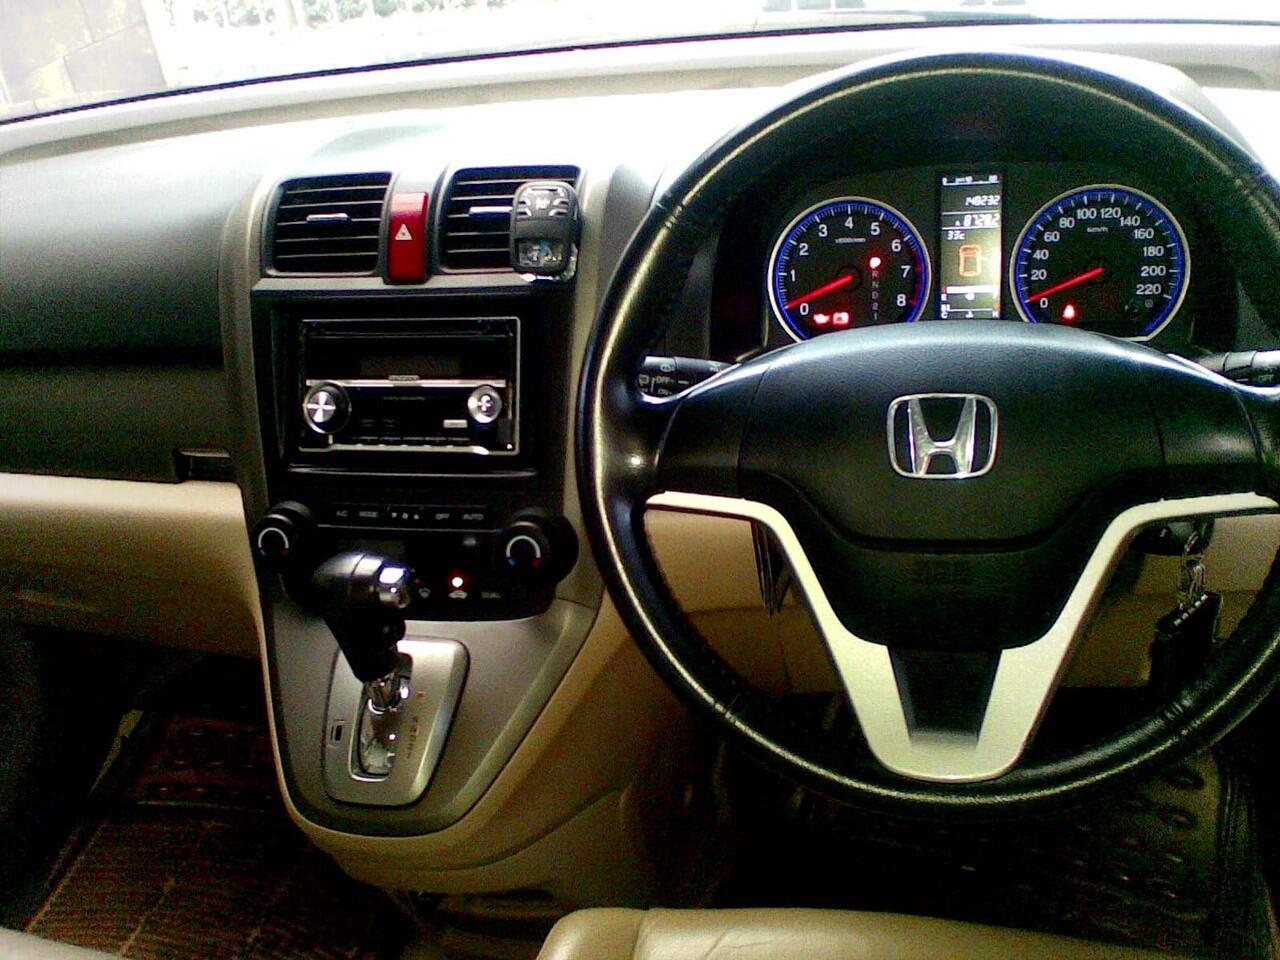 HONDA CRV 2400 CC TAHUN 2008